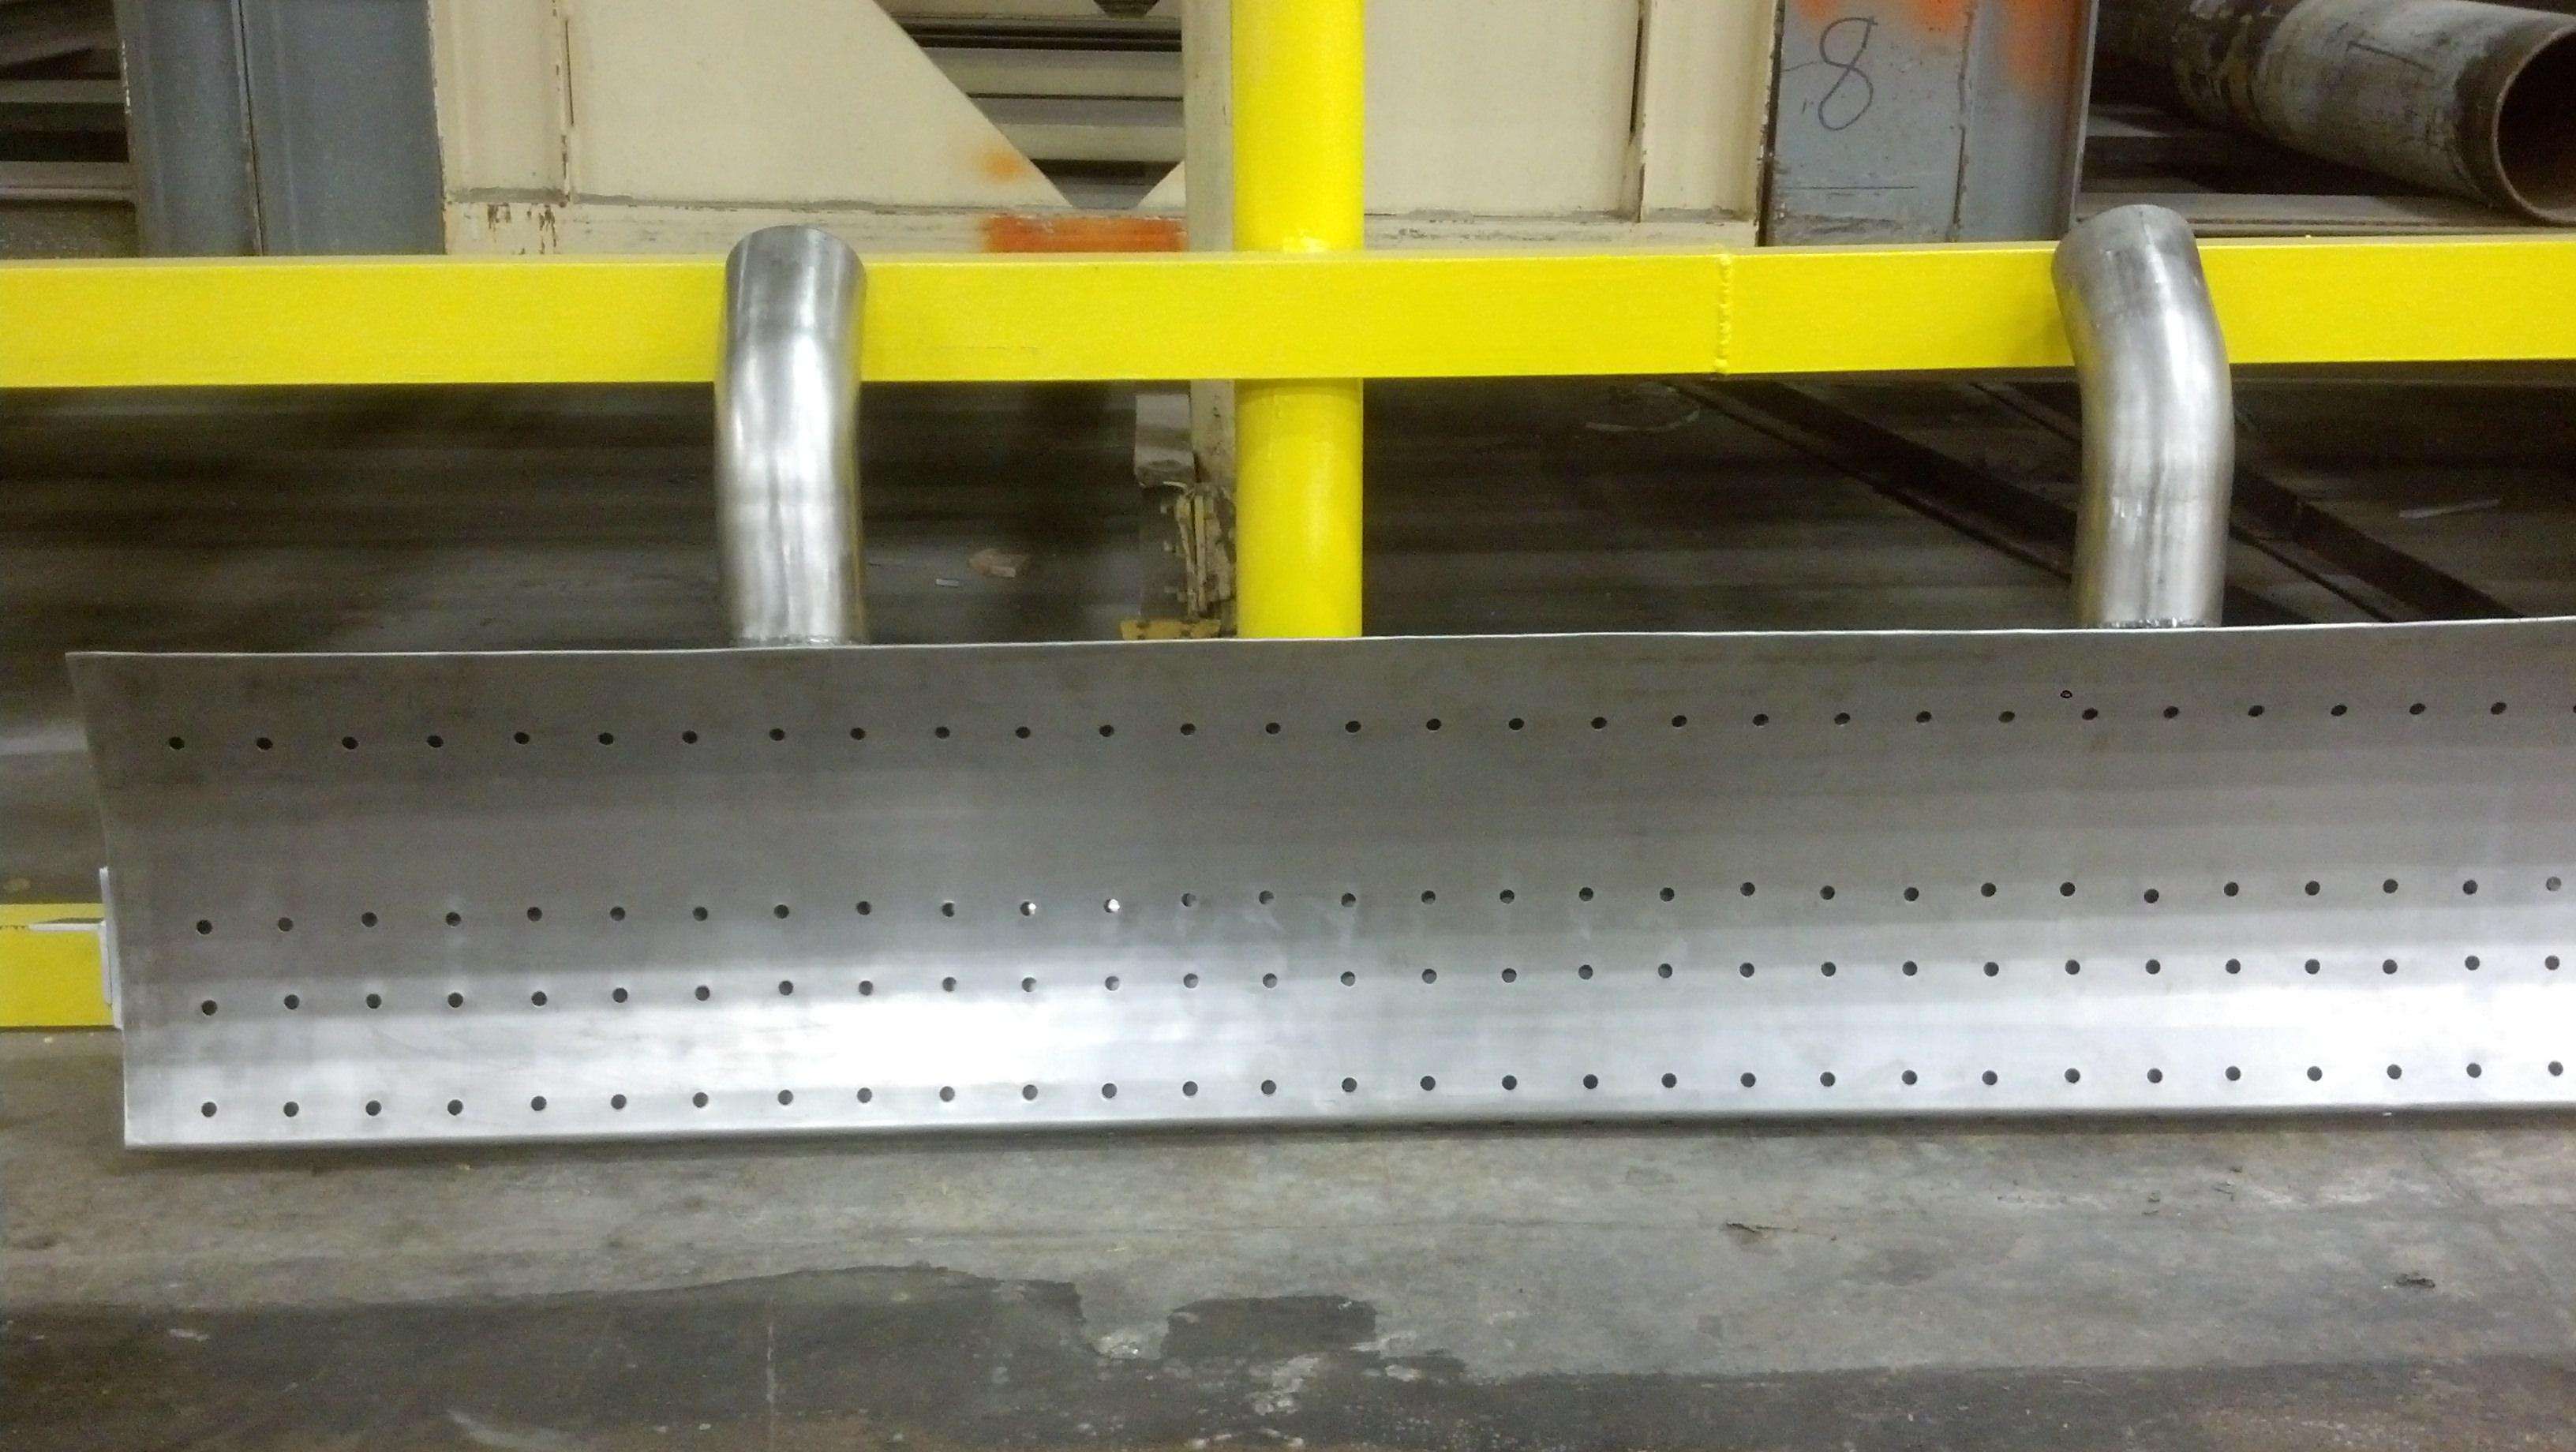 Custom Stainless Steel Exhaust Hood